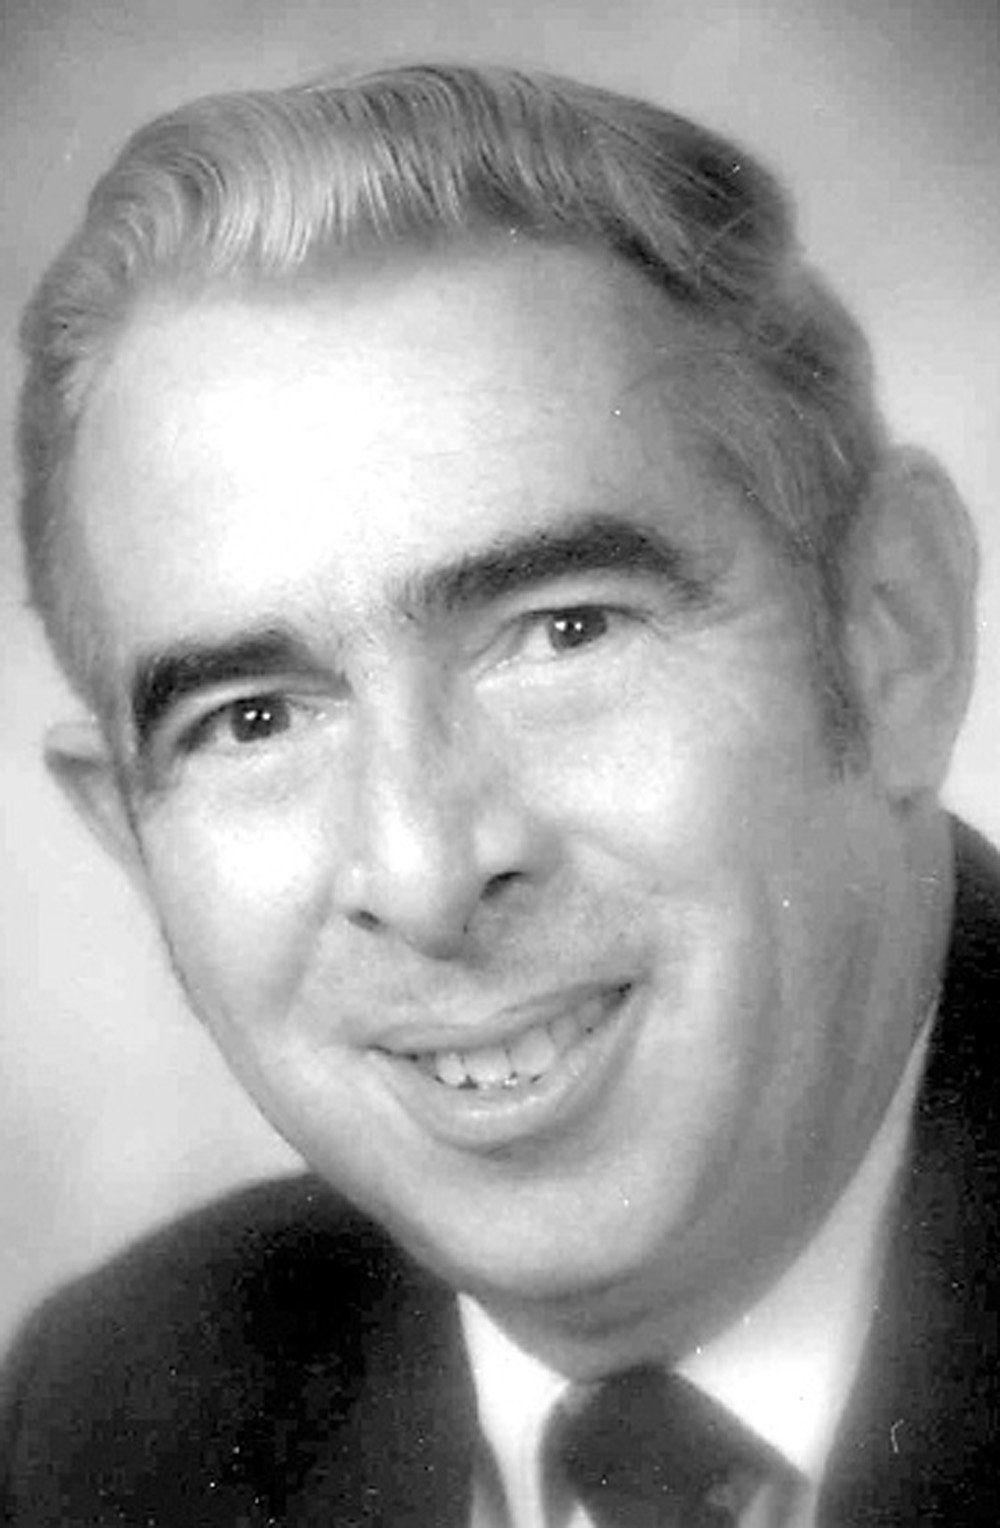 James N. Powell Jr.